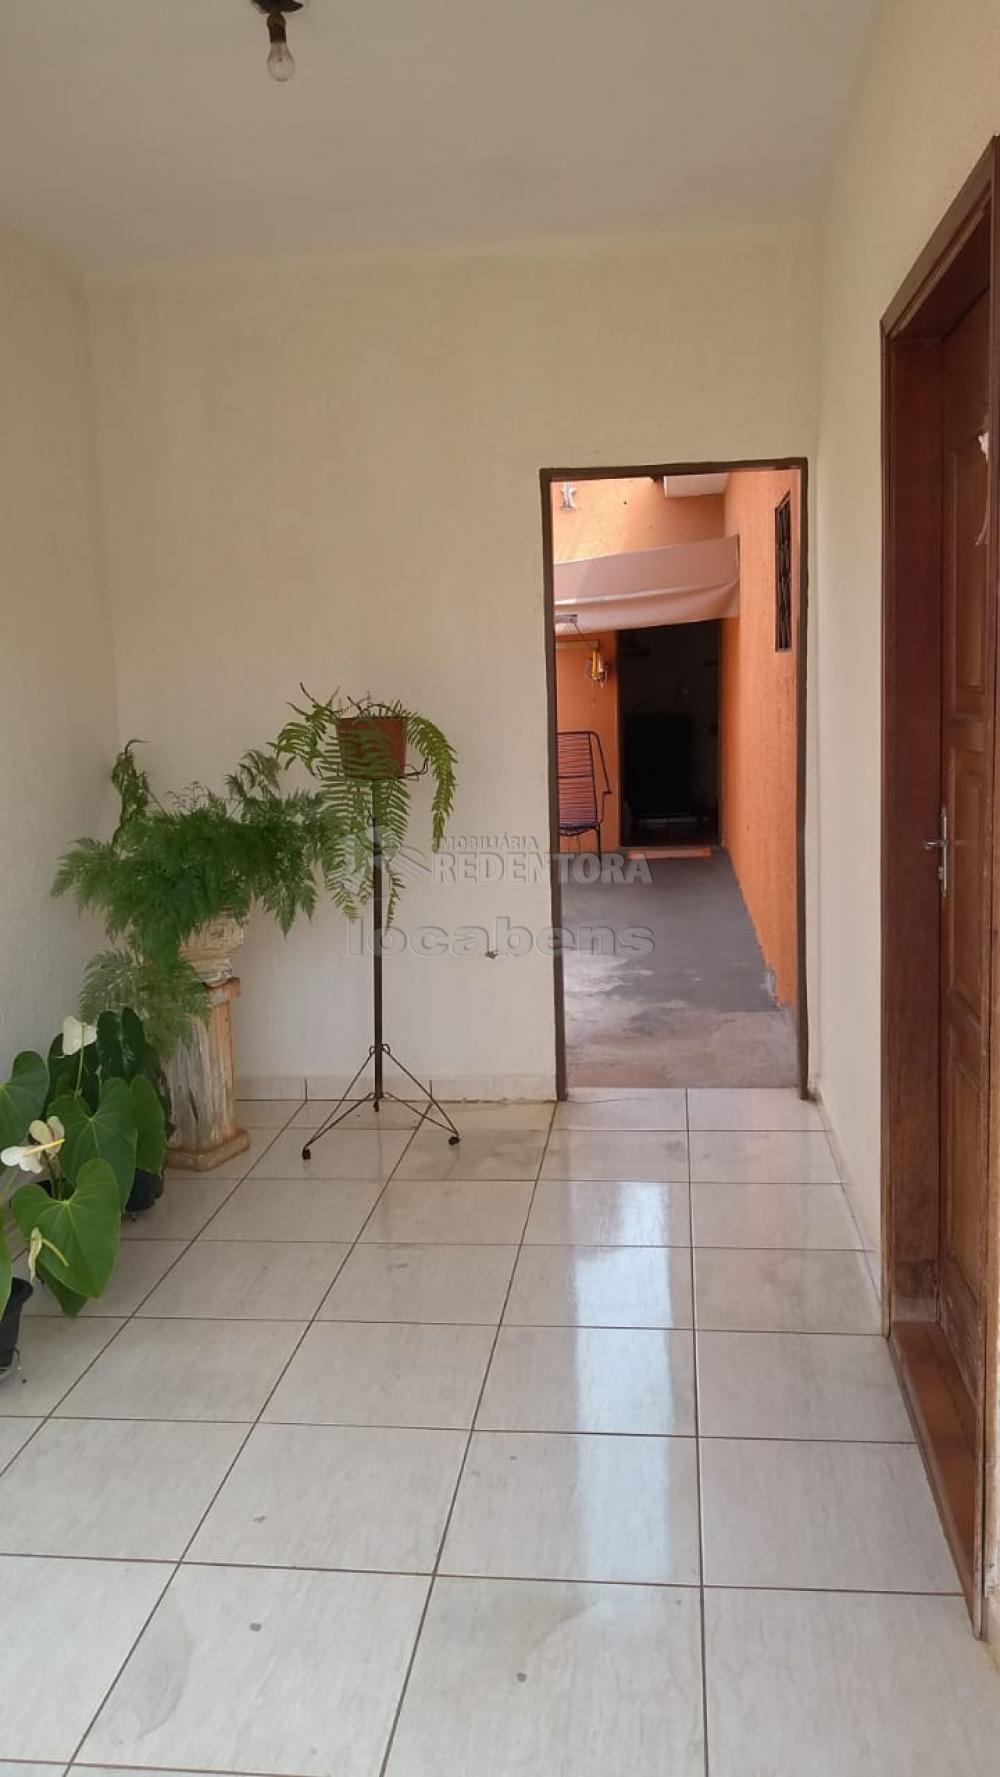 Comprar Casa / Padrão em São José do Rio Preto apenas R$ 230.000,00 - Foto 14